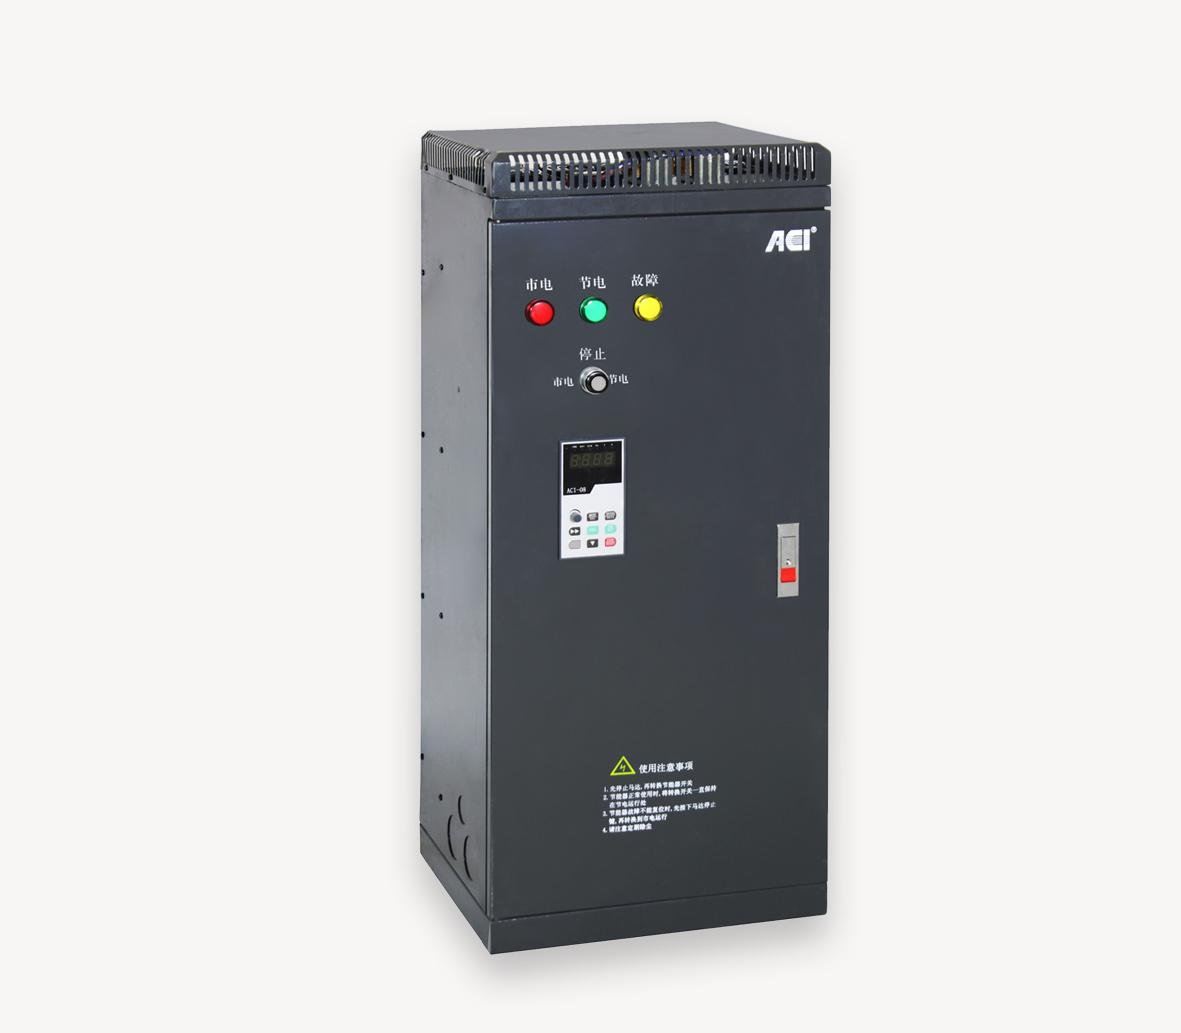 珠峰ACI注塑机专用变频器 DLT-ZK11